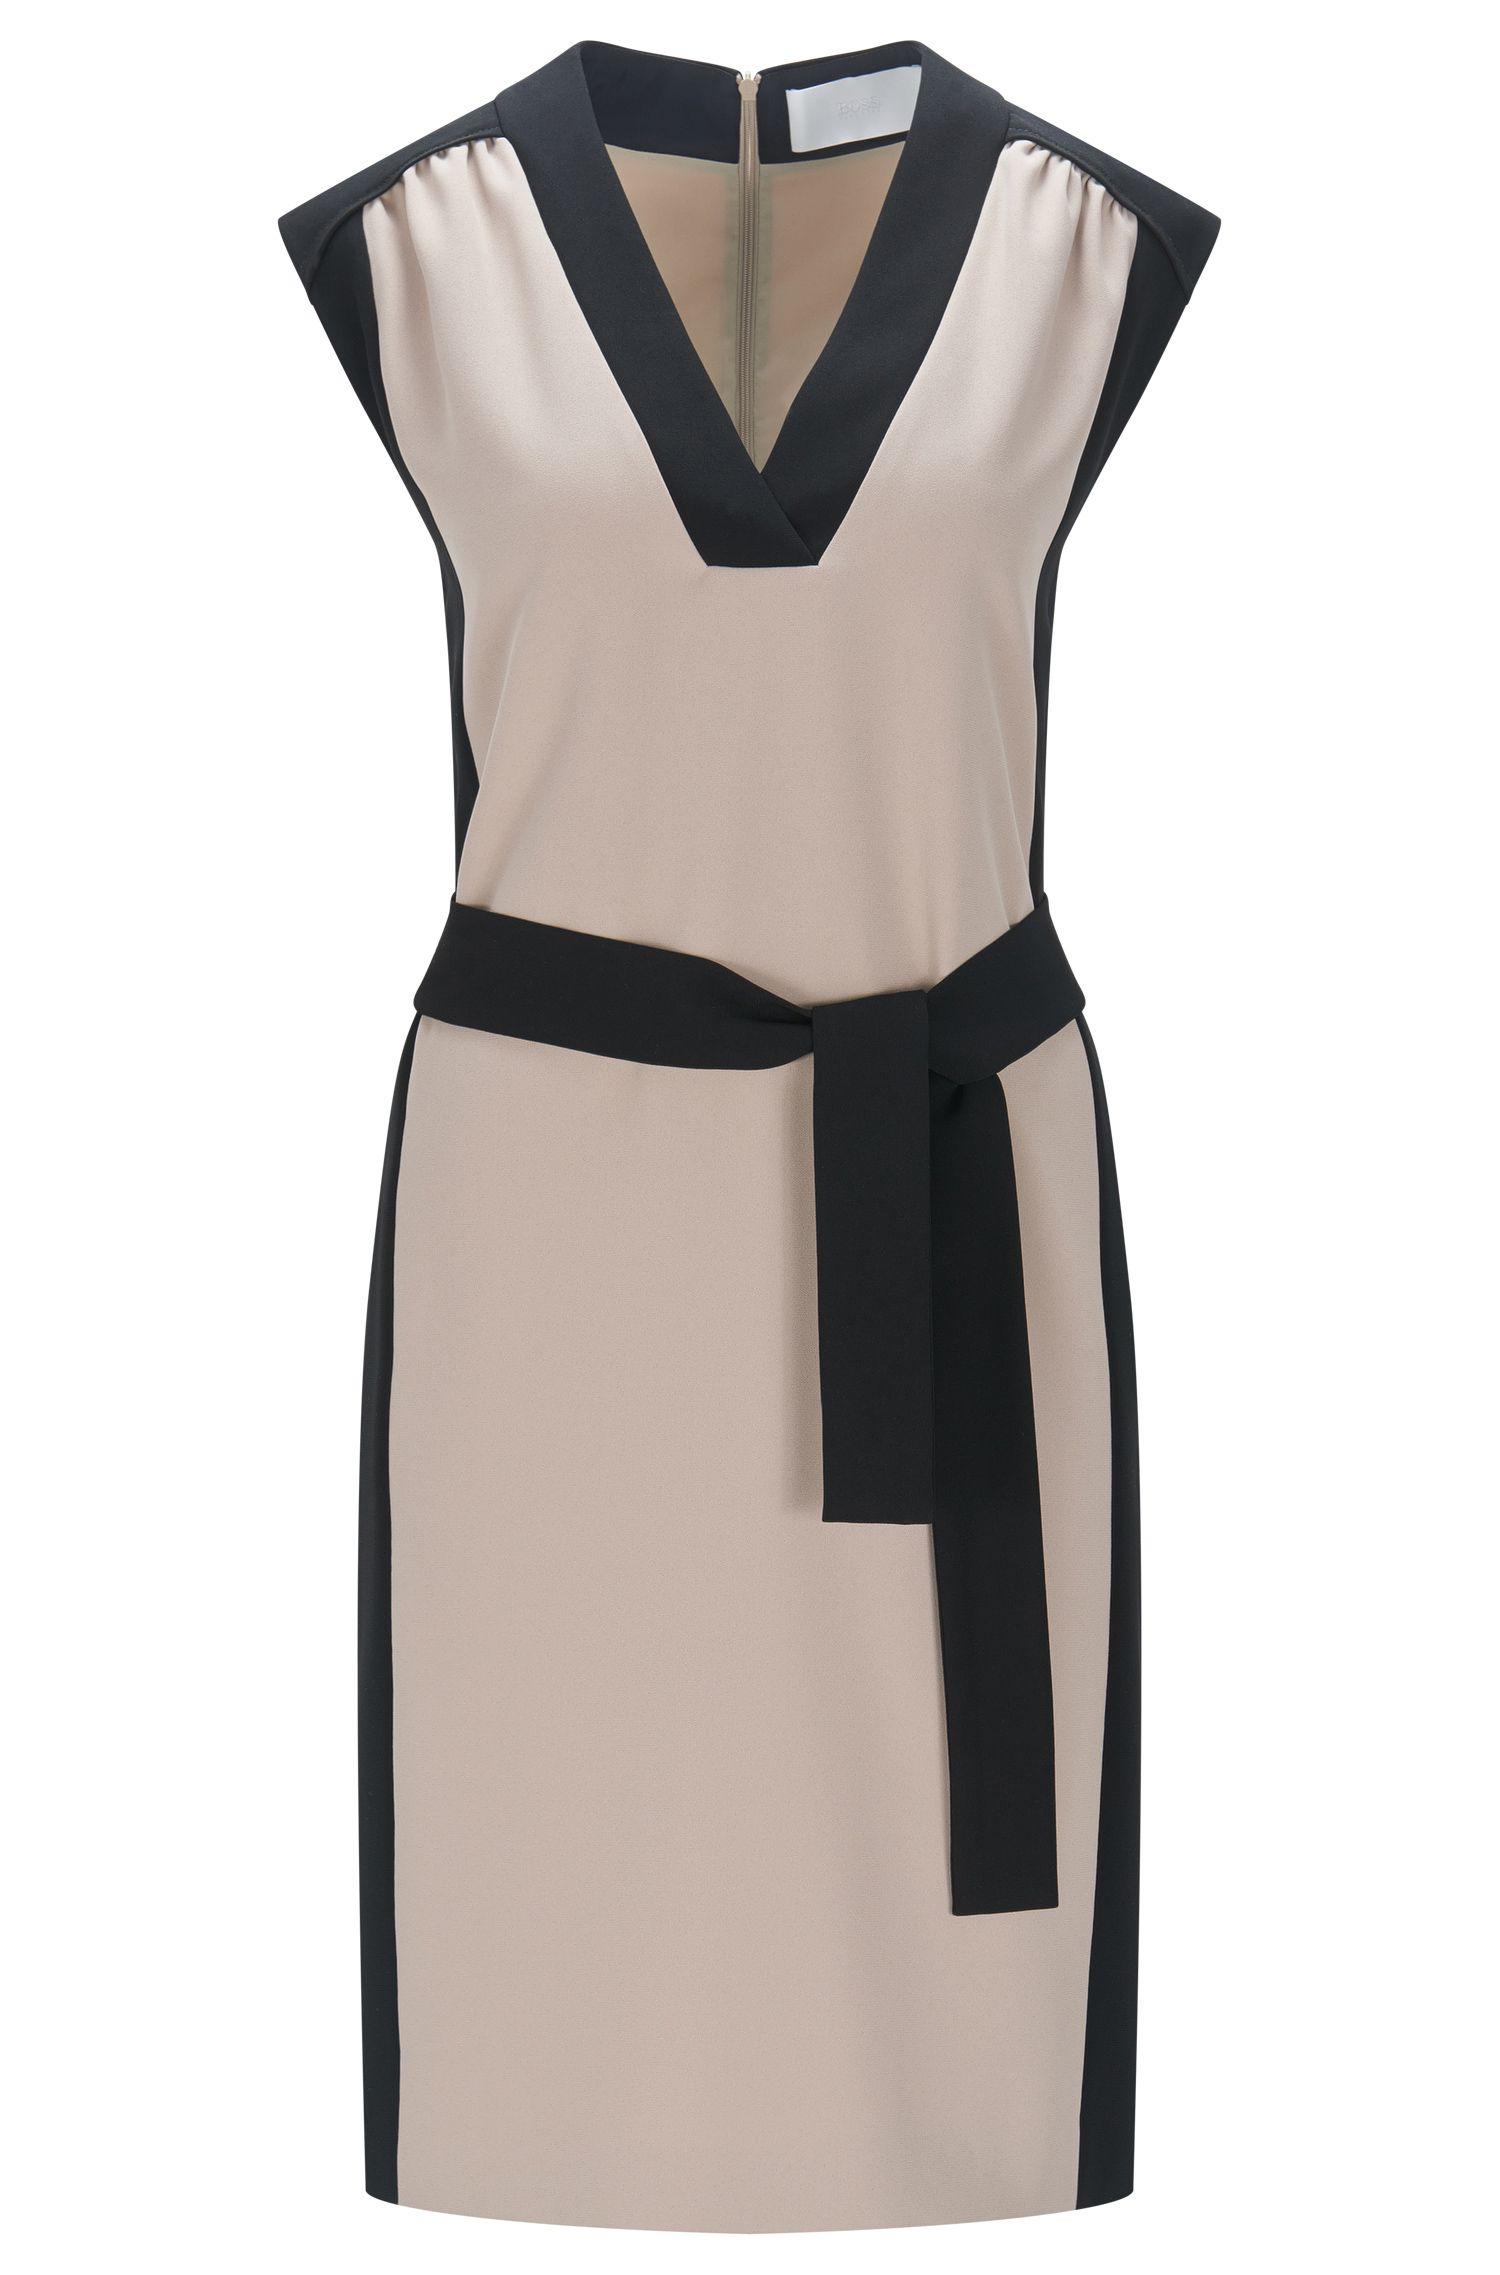 'Hakordia' | Colorblock Dress